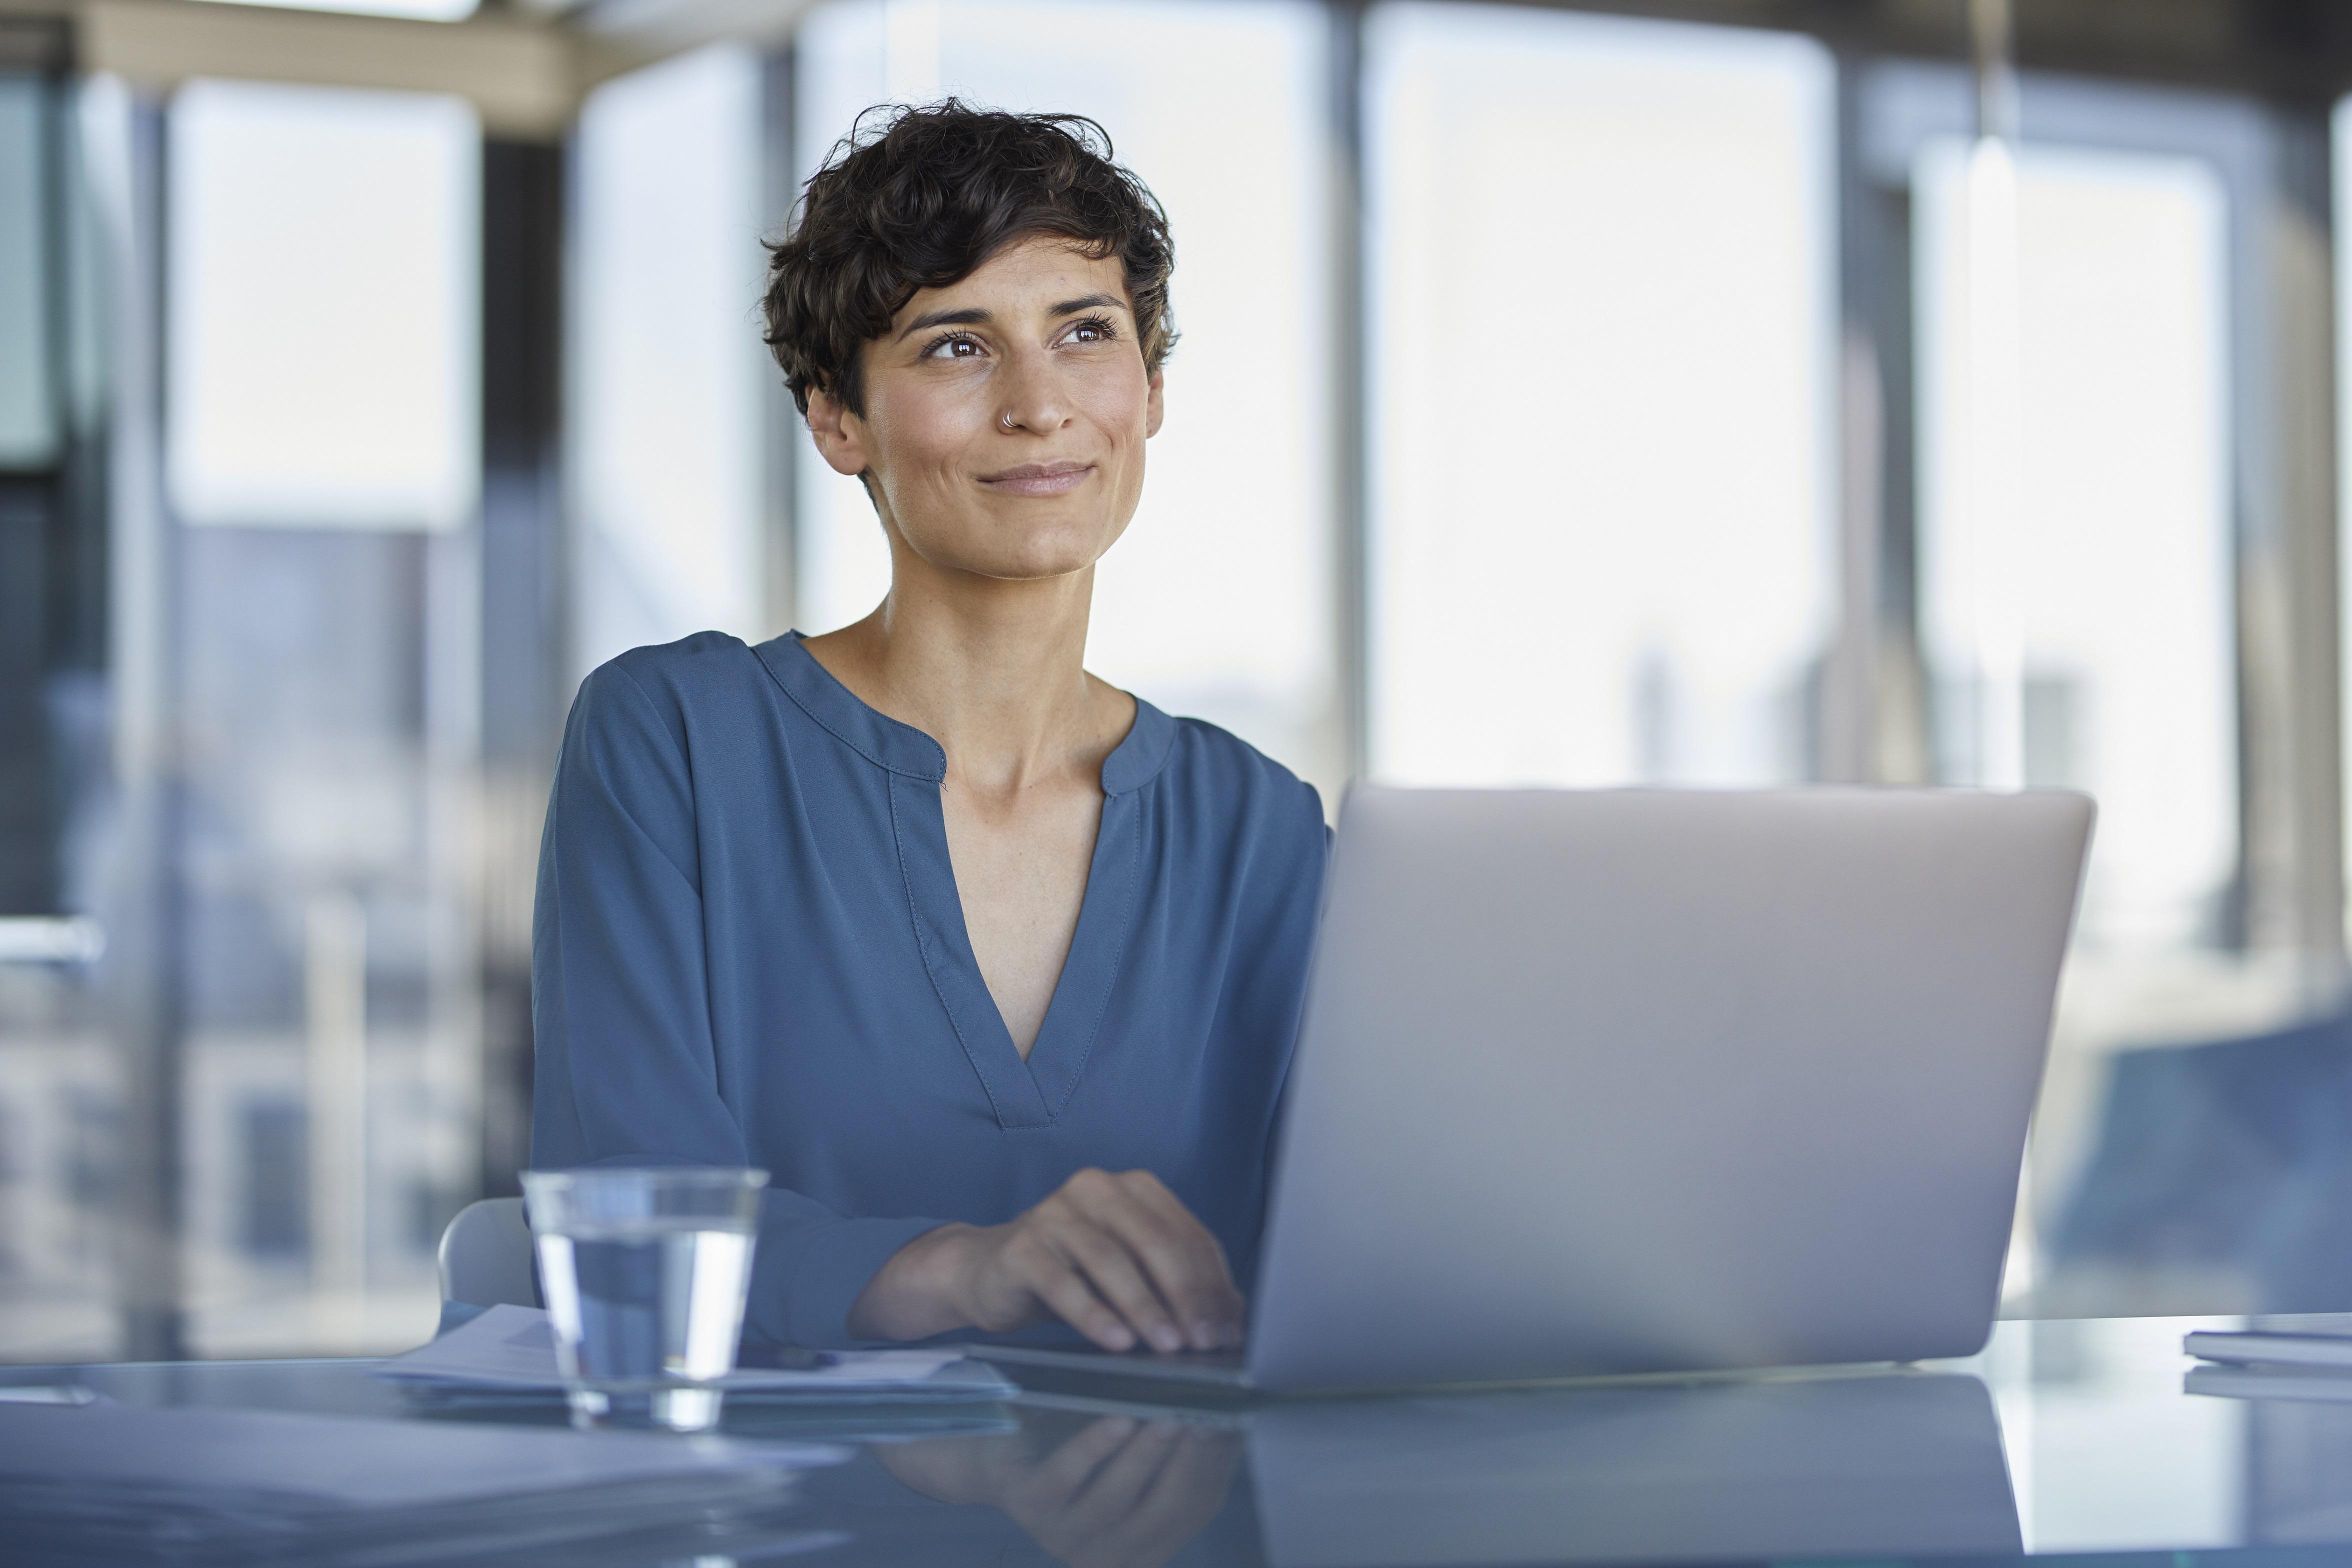 Junge Frau blickt mutig in ihre berufliche Zukunft